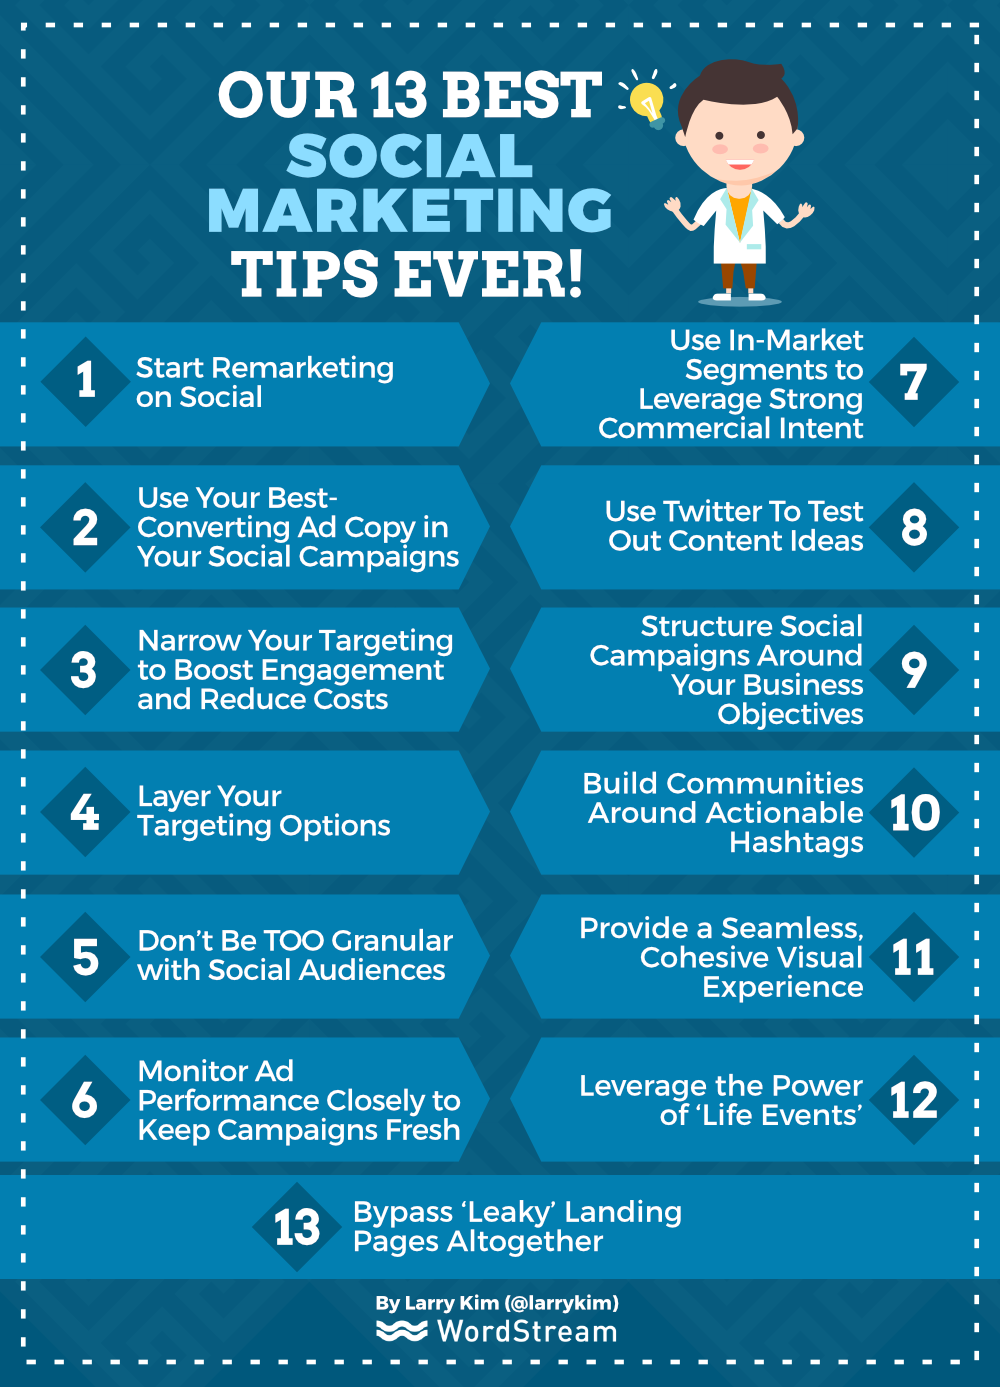 13-best-social-media-marketing-tips-ever